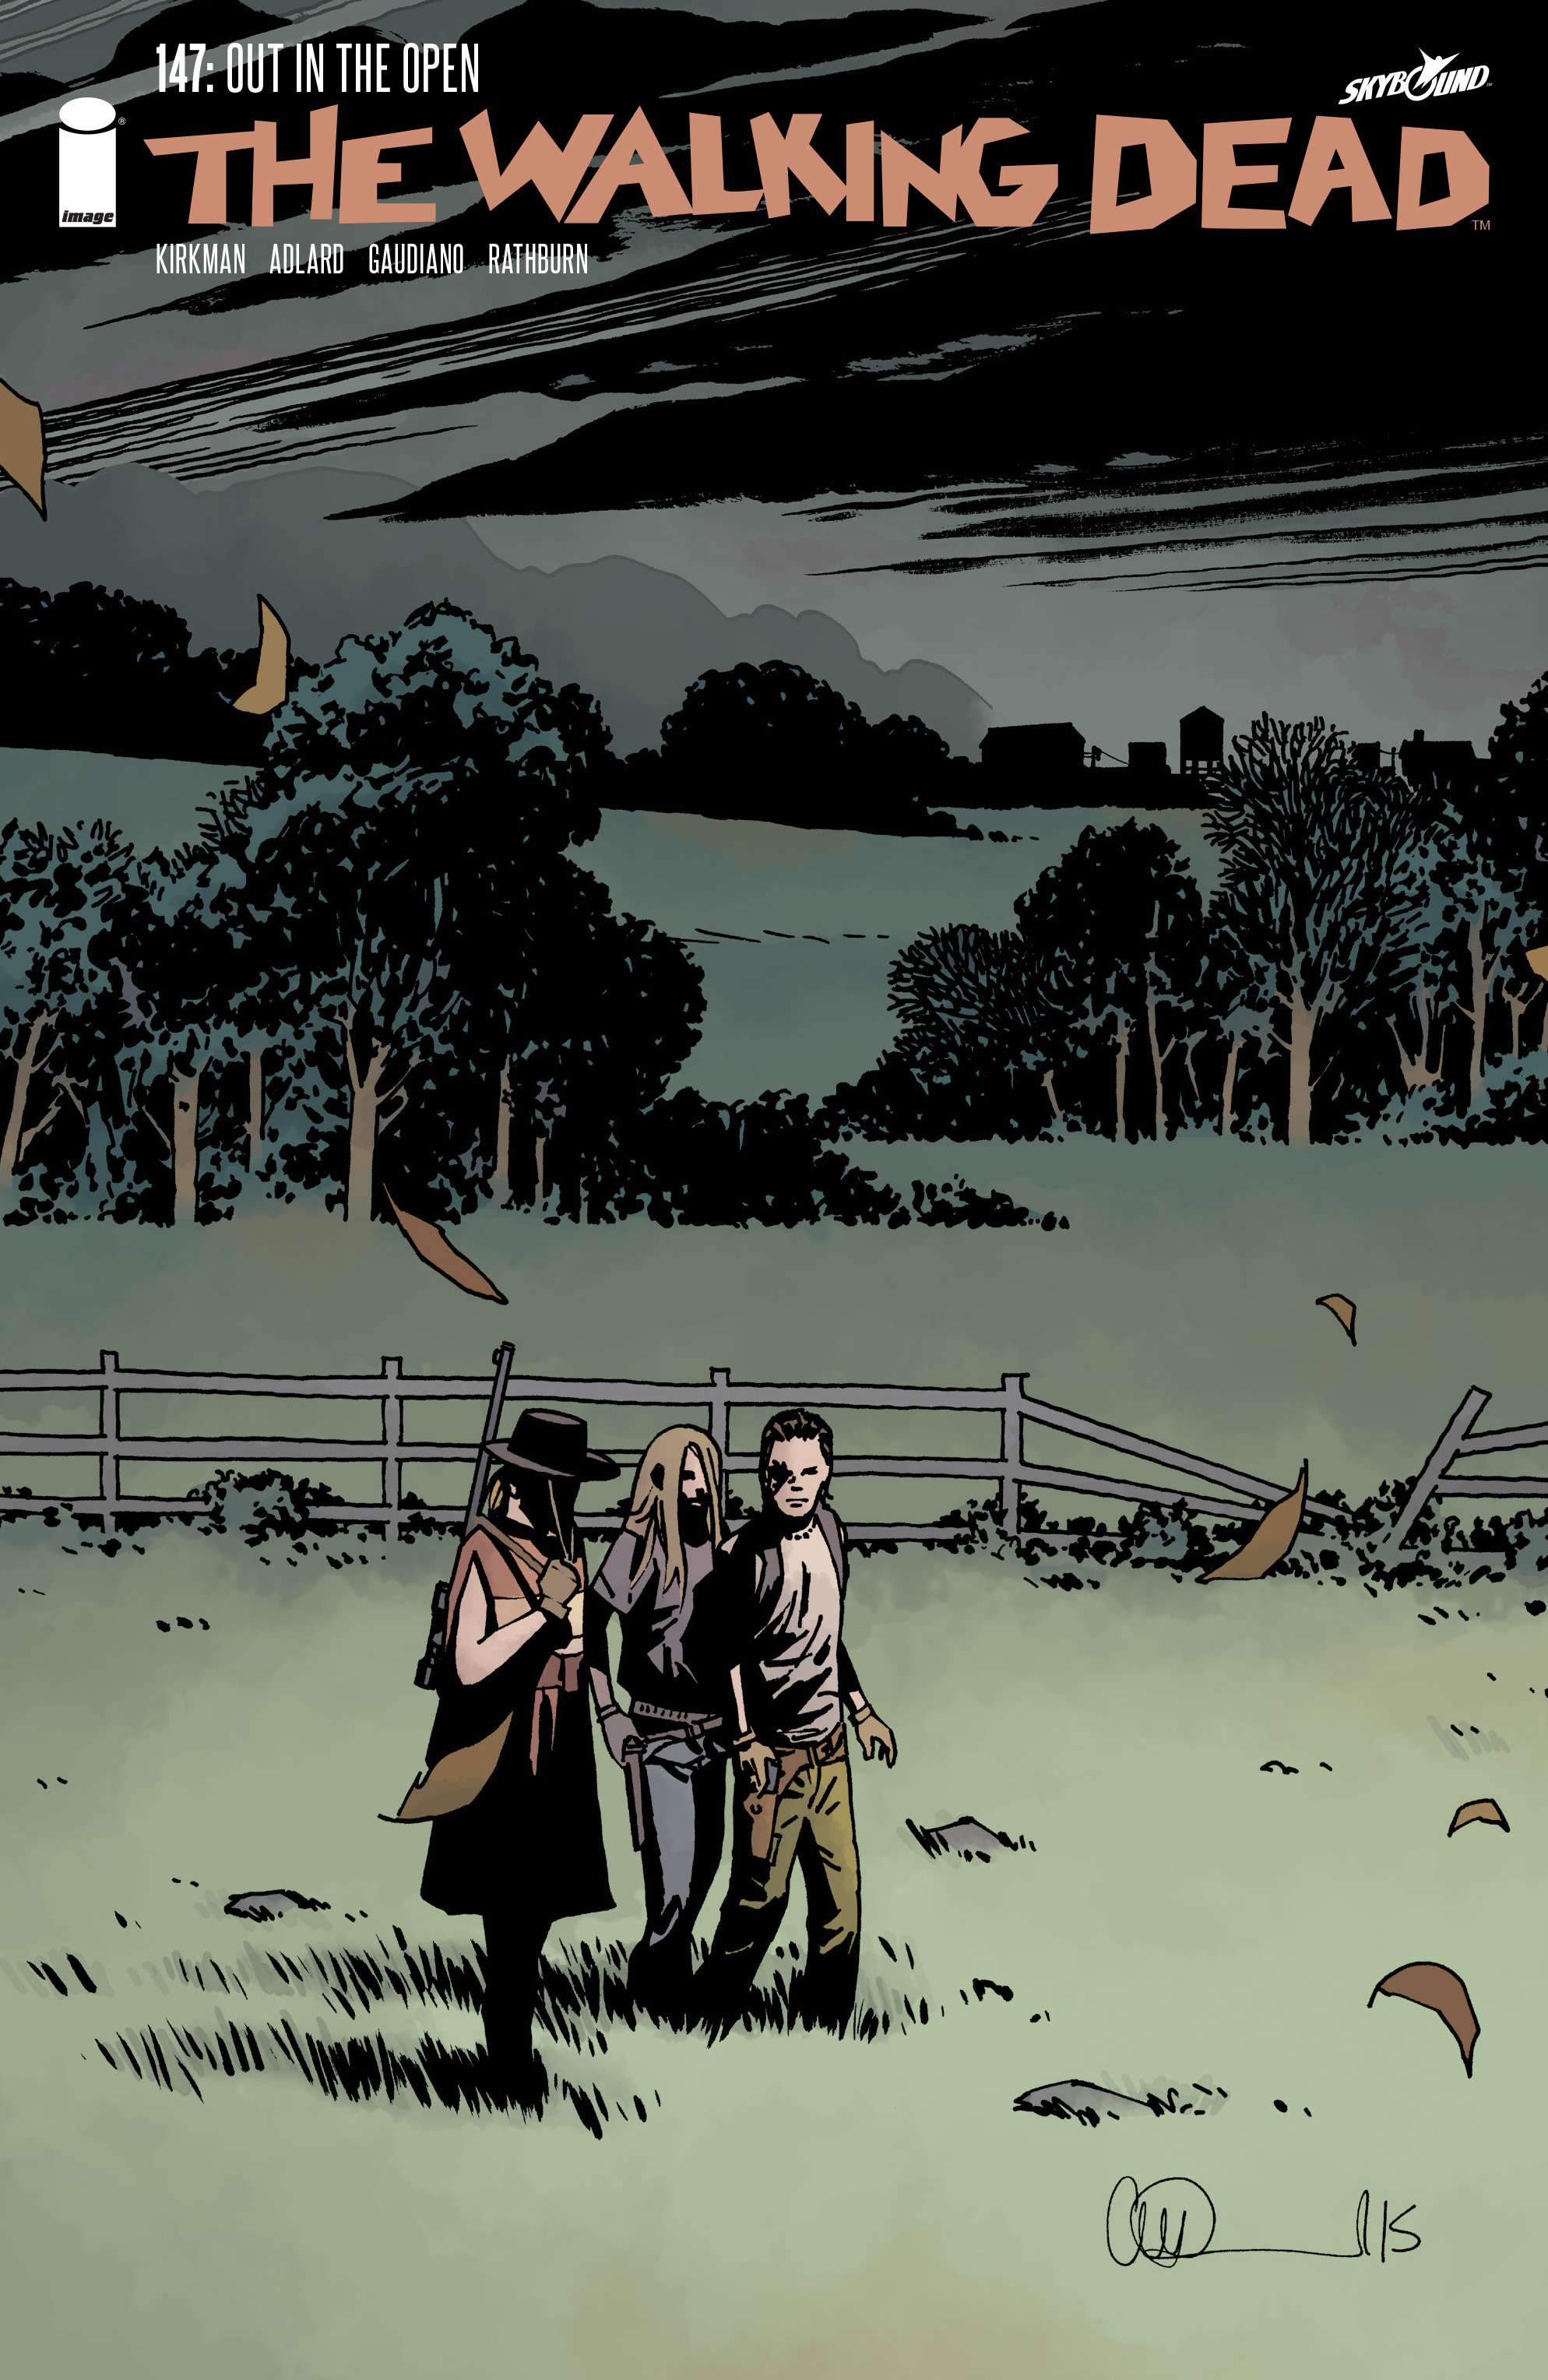 The Walking Dead #14...